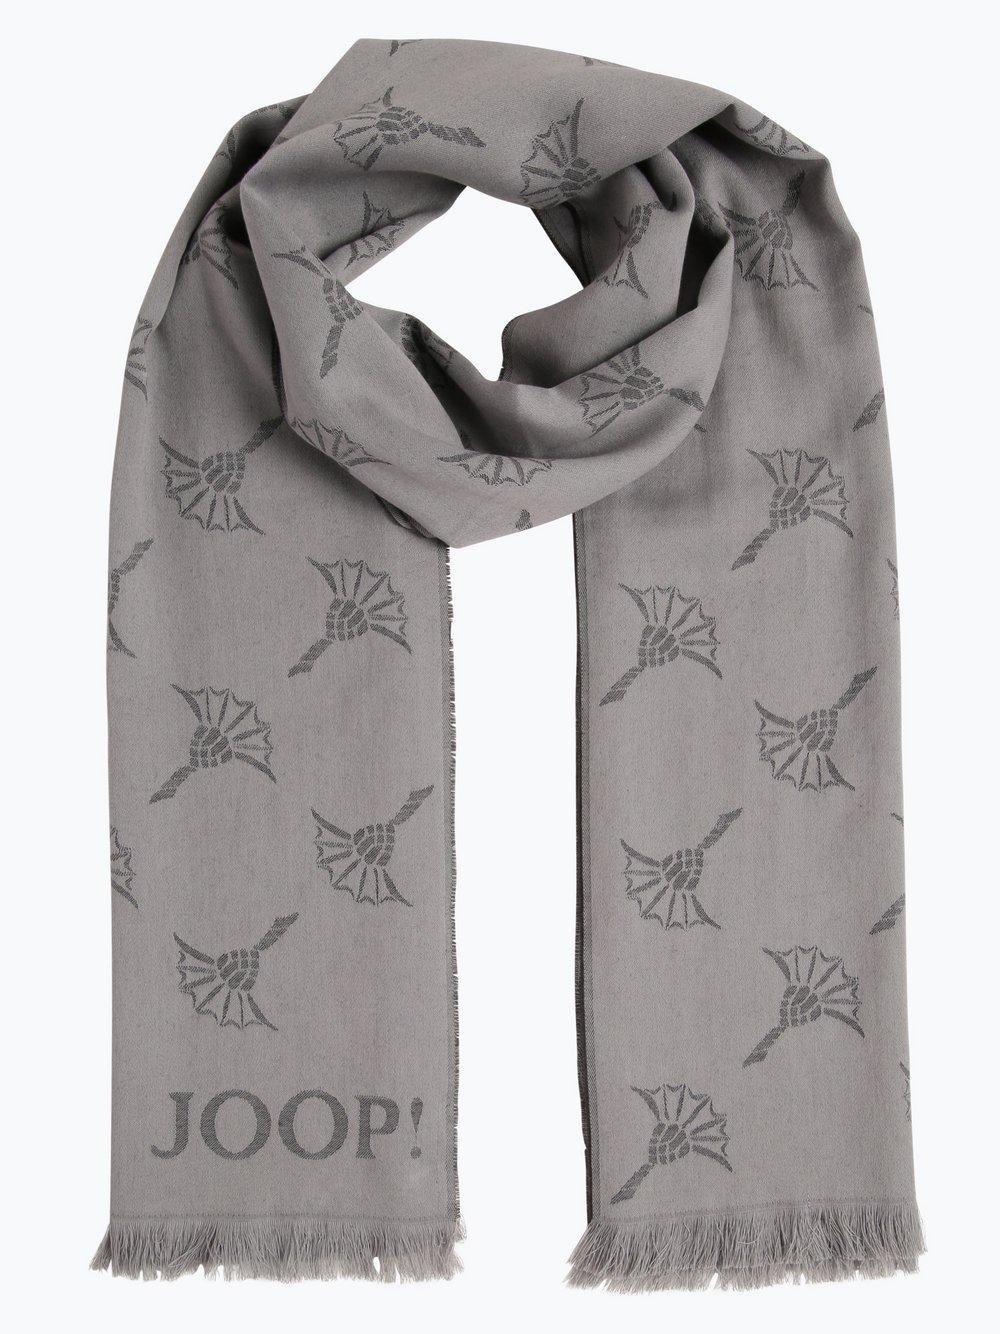 Herren Schal Joop